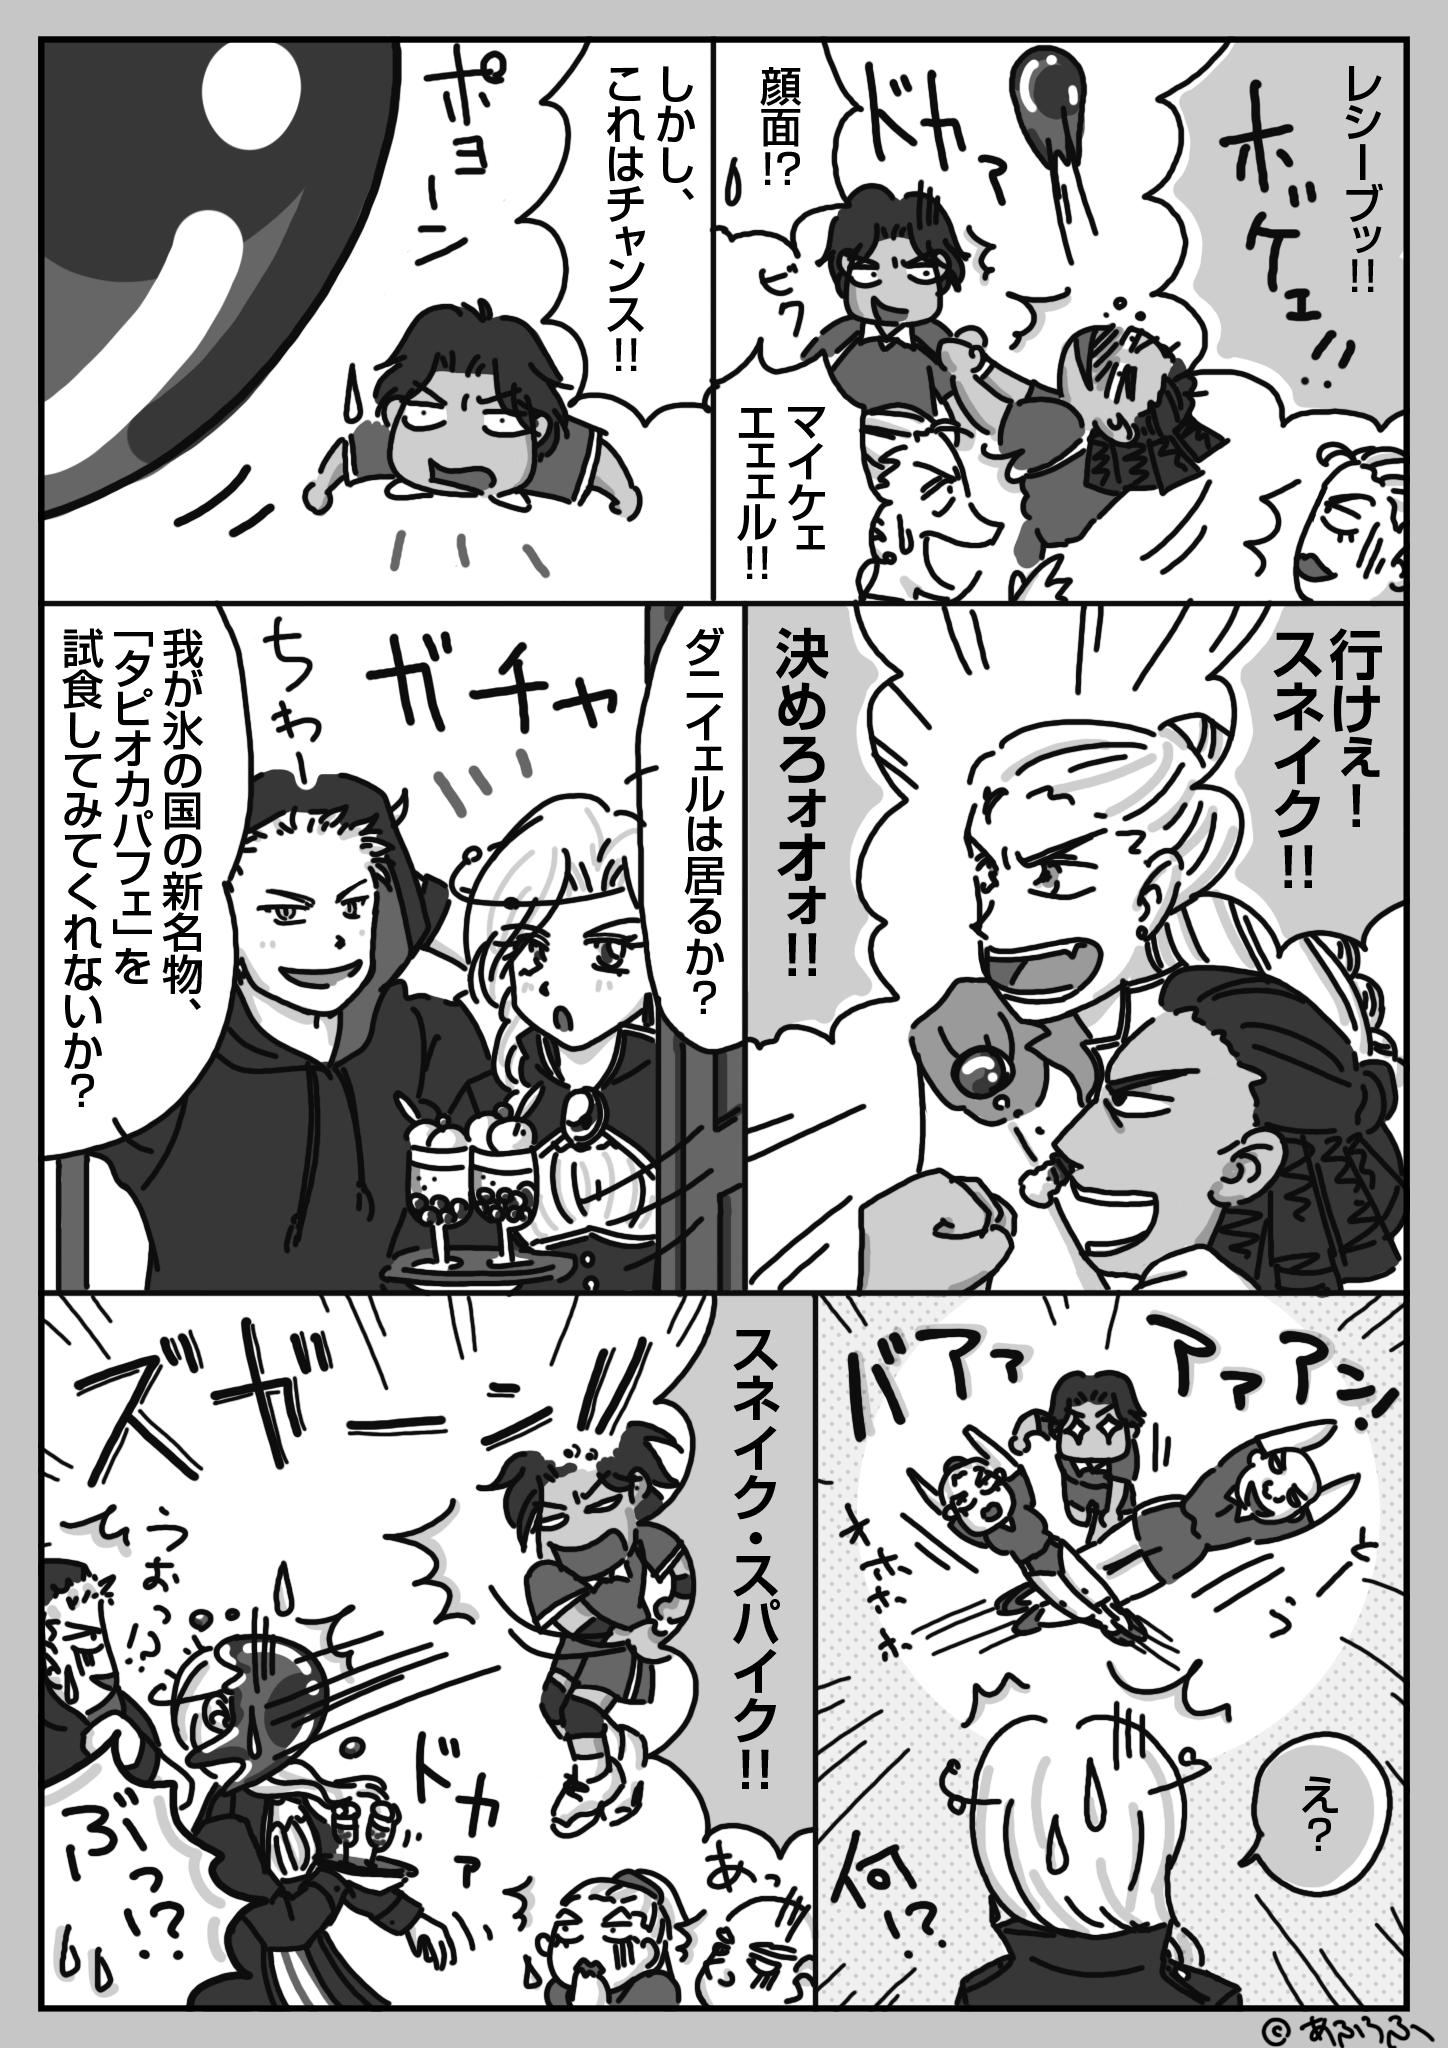 火の魔王とタピオカ入りプロテイン (11)